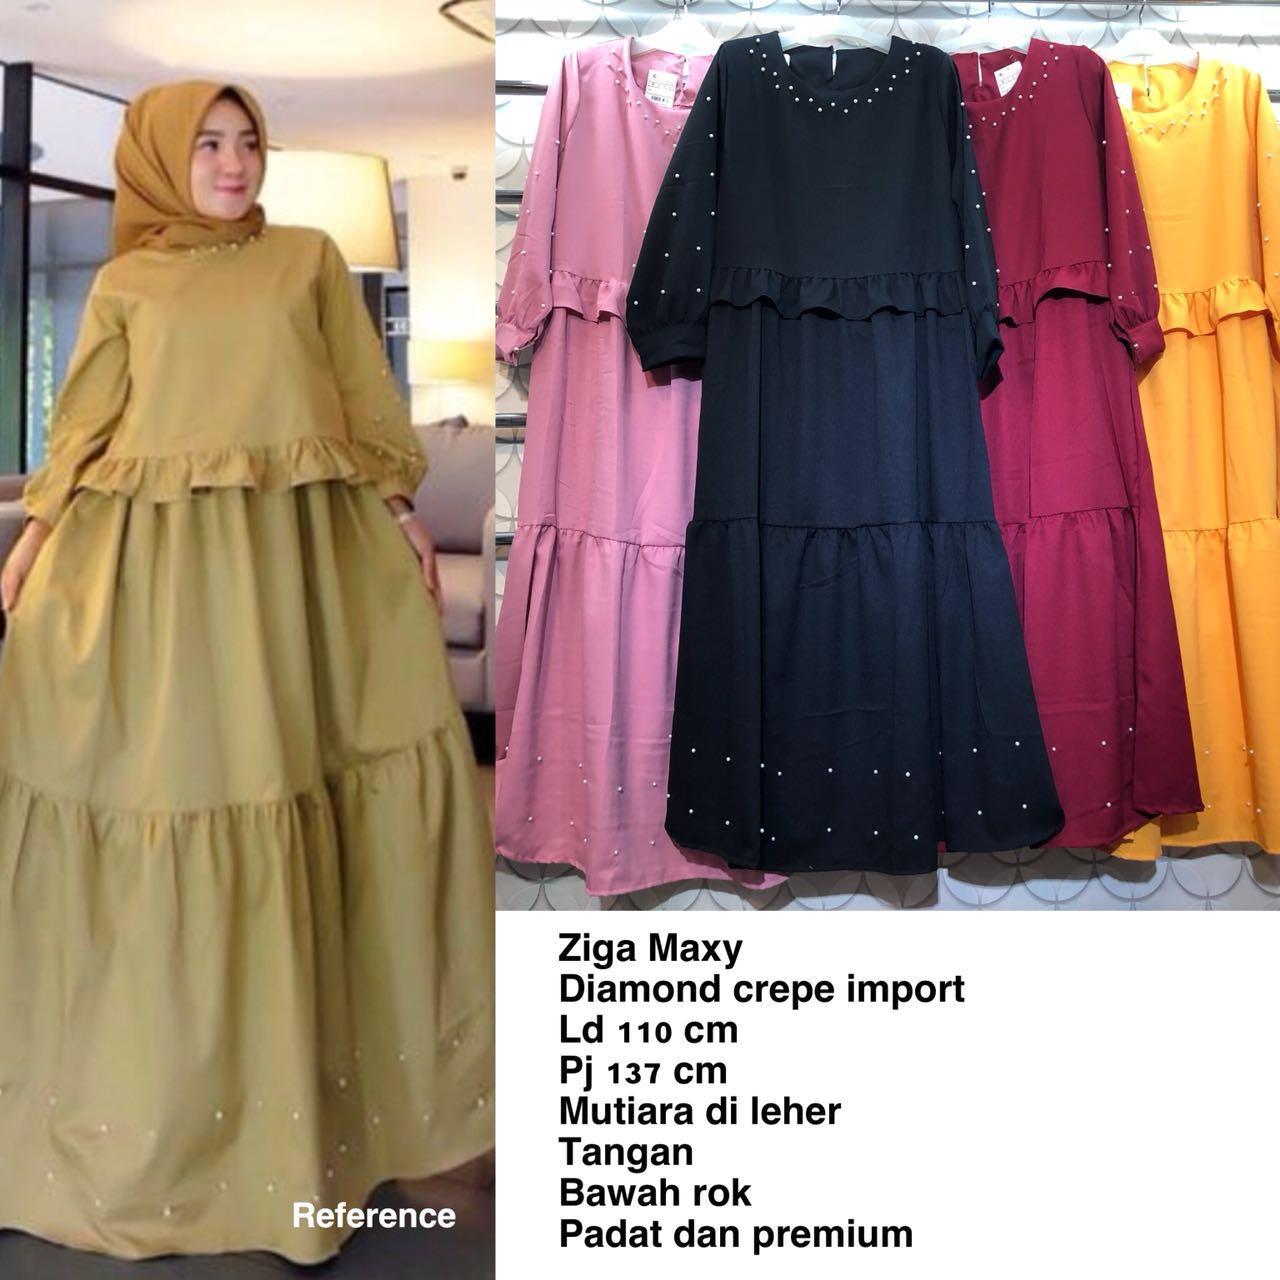 Gamis Wanita Diamond Crepe Import Variasi Mutiara / Ziga Maxy / Baju Muslim Wanita / Gamis Trendy / Gamis Busui / Gamis Murah